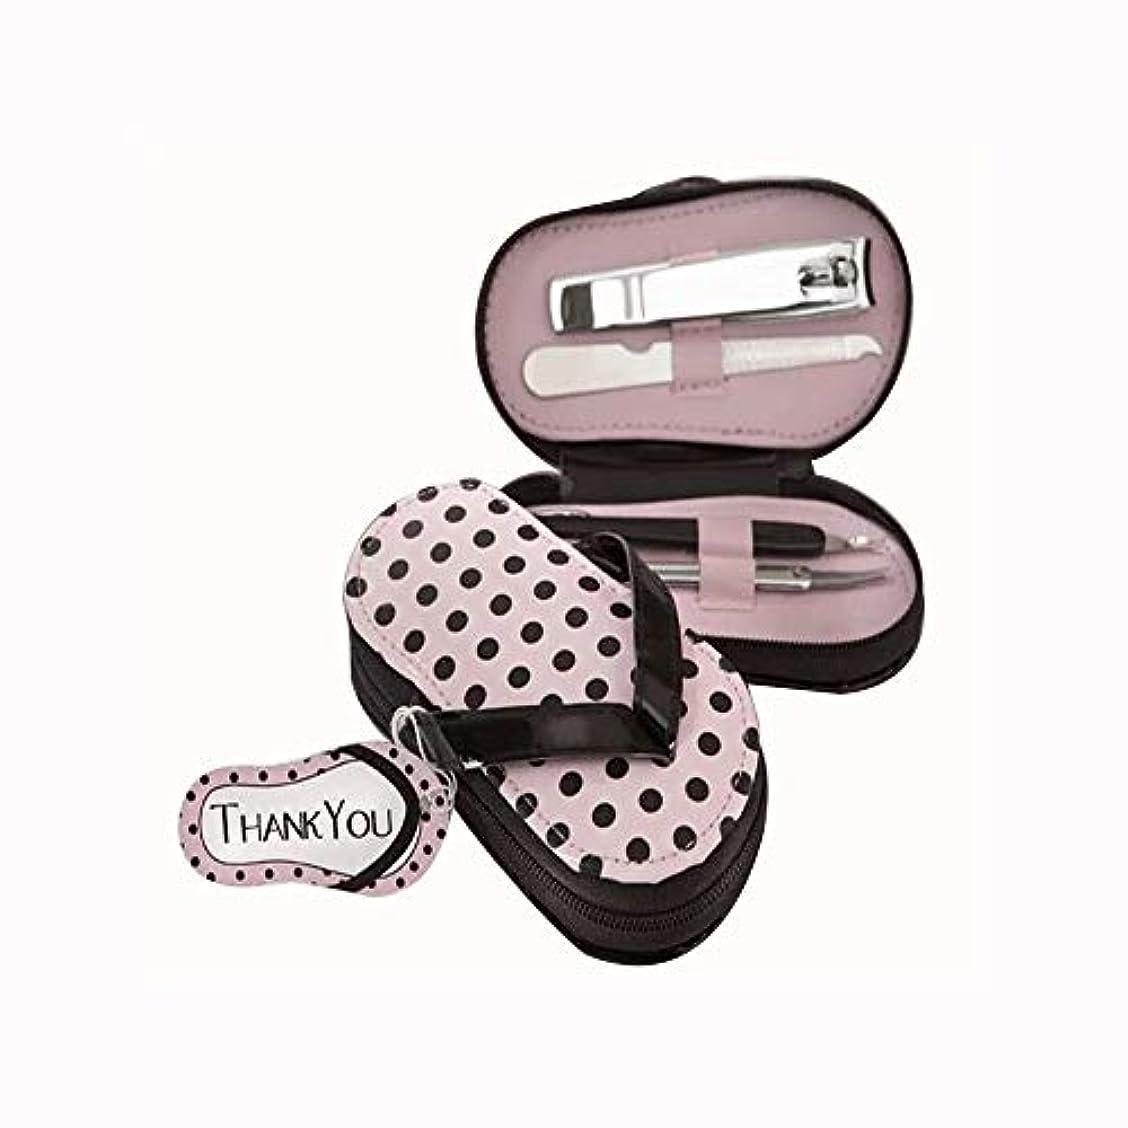 食い違い買う息苦しい爪切り セットスリッパの外観ステンレス爪切りセットファッション爪切りセット収納ケース付き、ピンク、4点セット